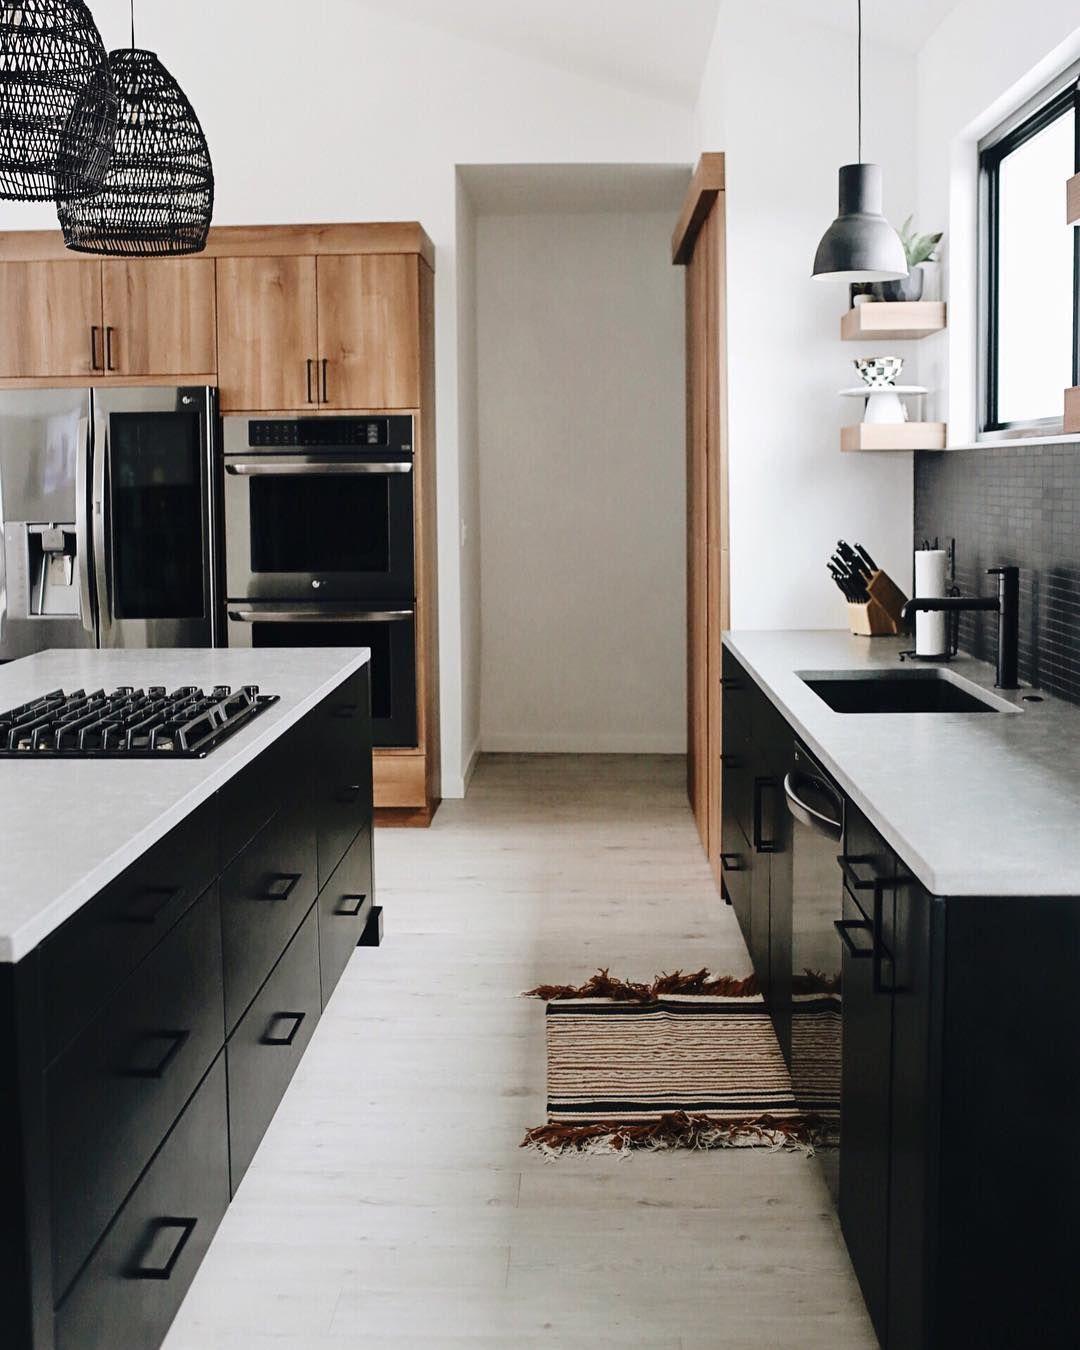 Look How Our Adura Flex Tribeca Vinyl Plank Flooring Helps Elevate This Minimalist Mod Scandinavian Kitchen Design Modern Black Kitchen Kitchen Decor Modern